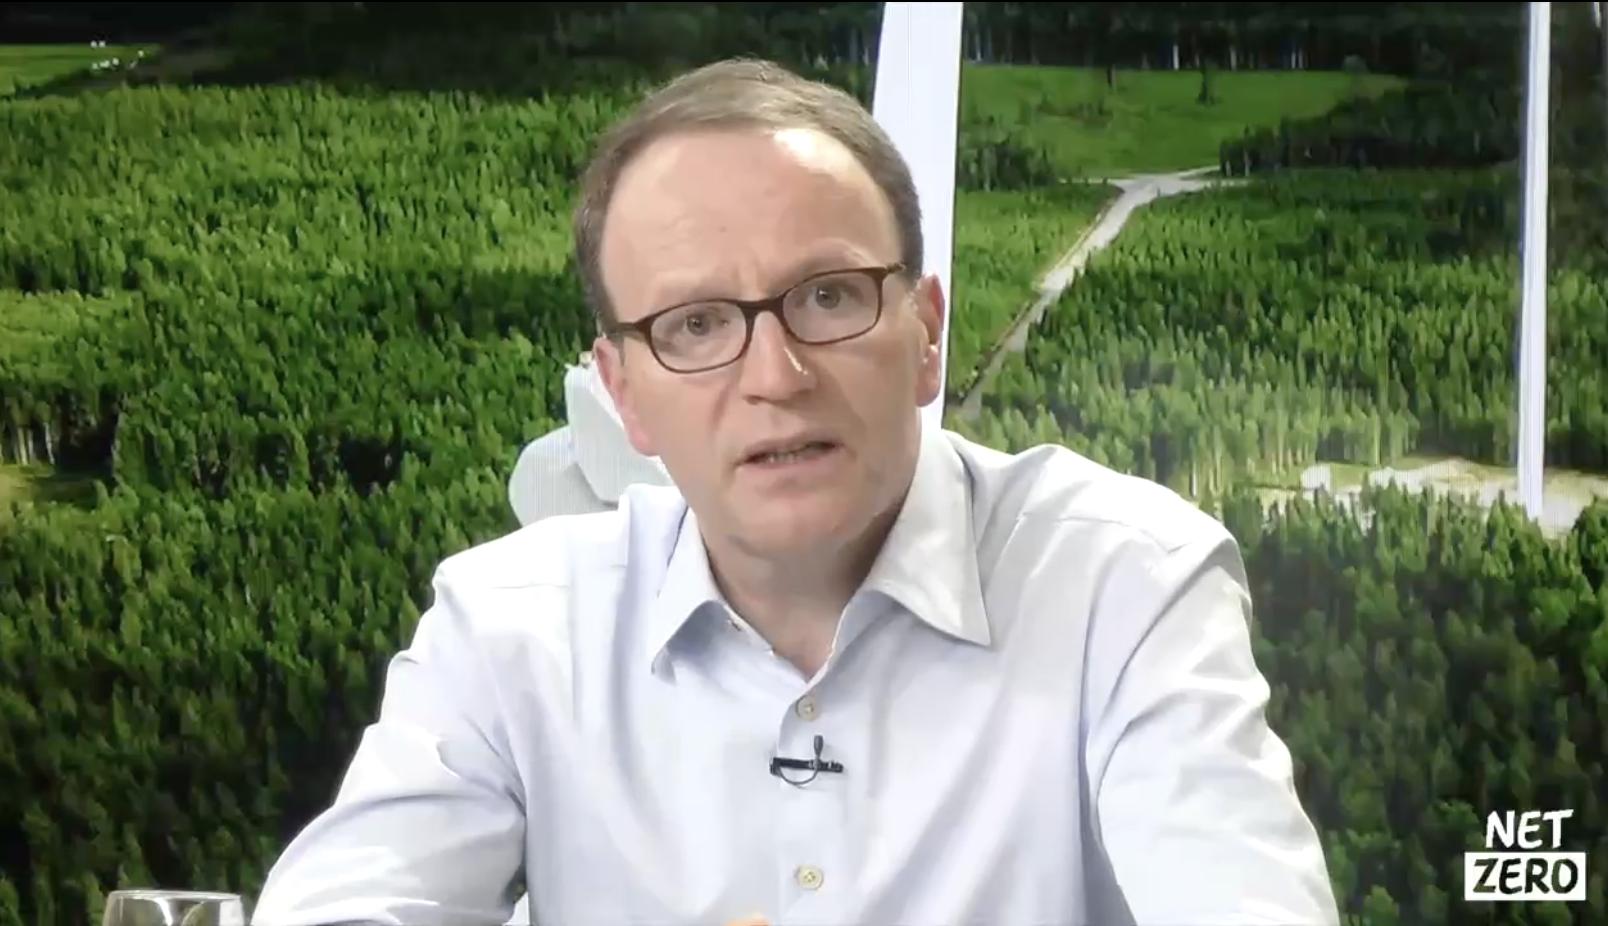 Nestle CEO Mark Schneider